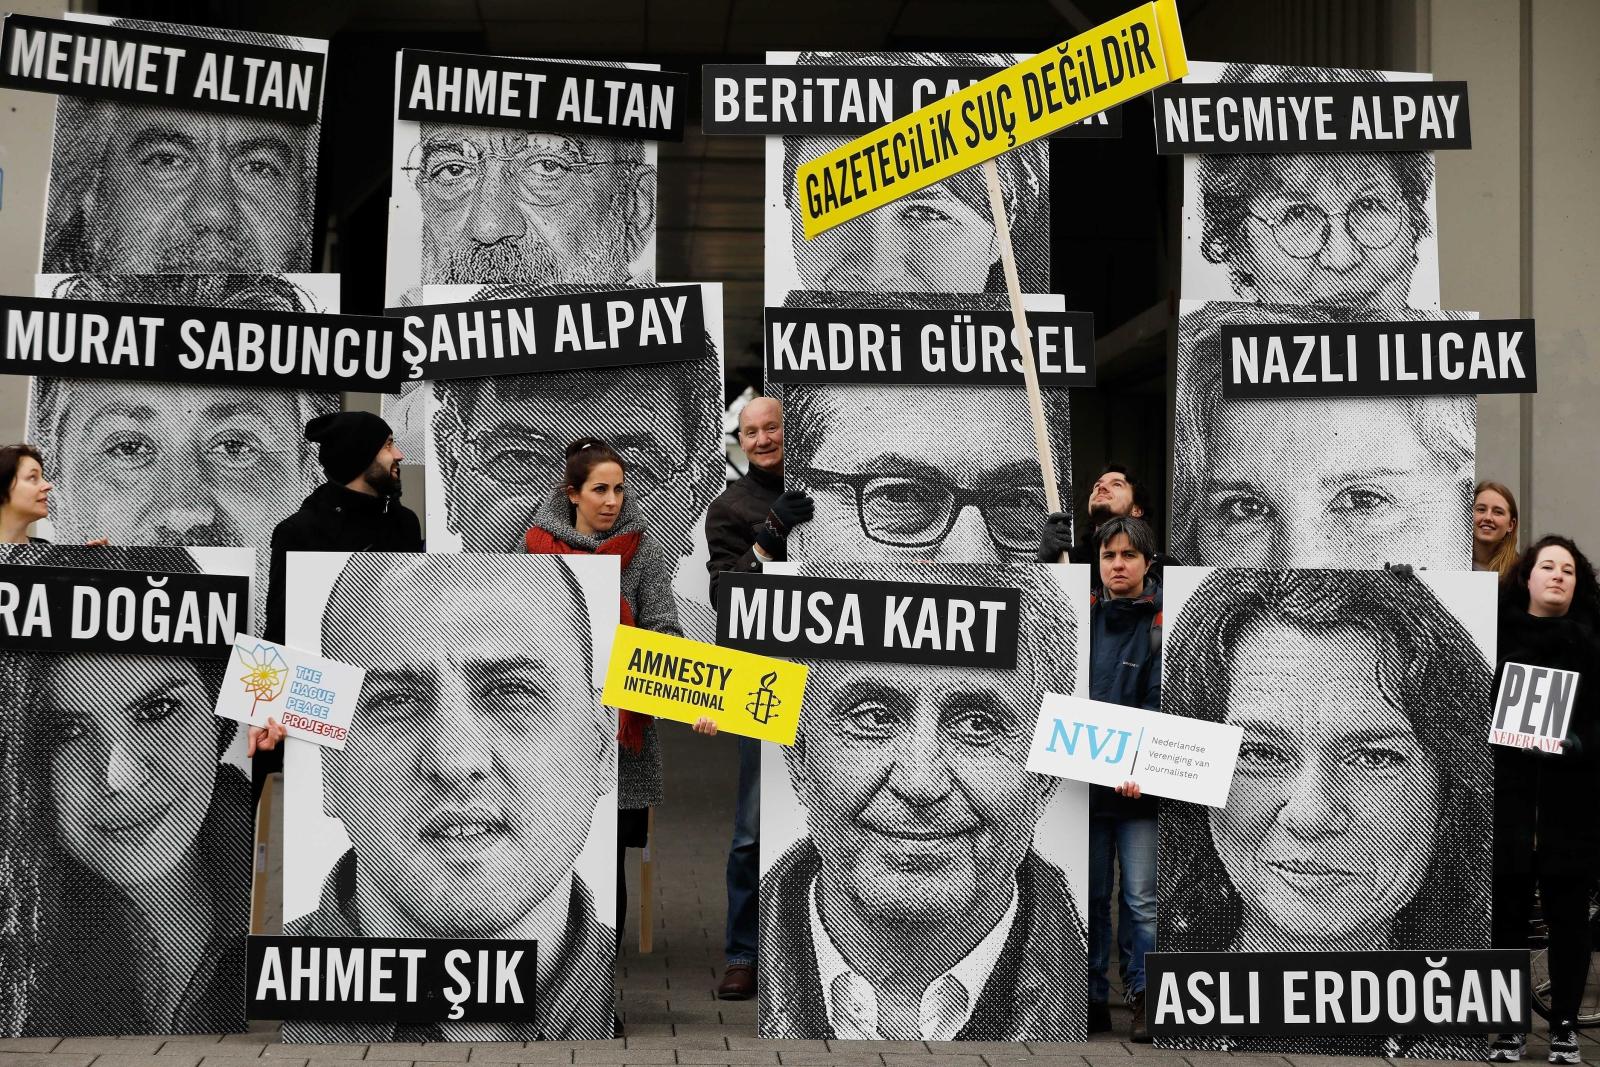 Aktywiści wzywają do uwolnienia dziennikarzy. Protest odbywa się pod tureckim kandydatem w Rotterdamie, Holandia.